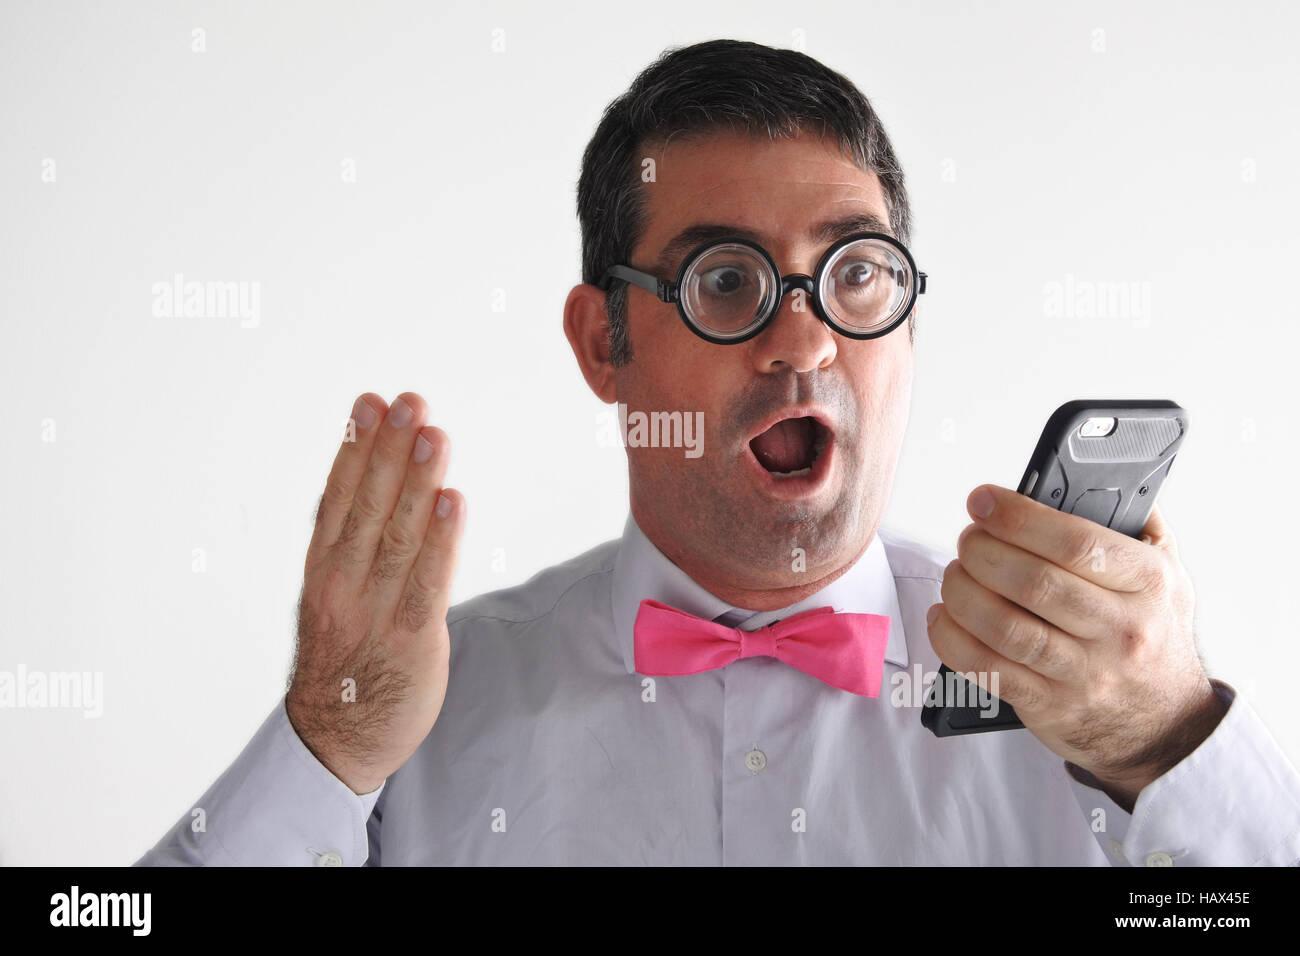 Surpris Geeky homme reçoit un surprenant message ou appel téléphonique. Communication concept. de Photo Stock